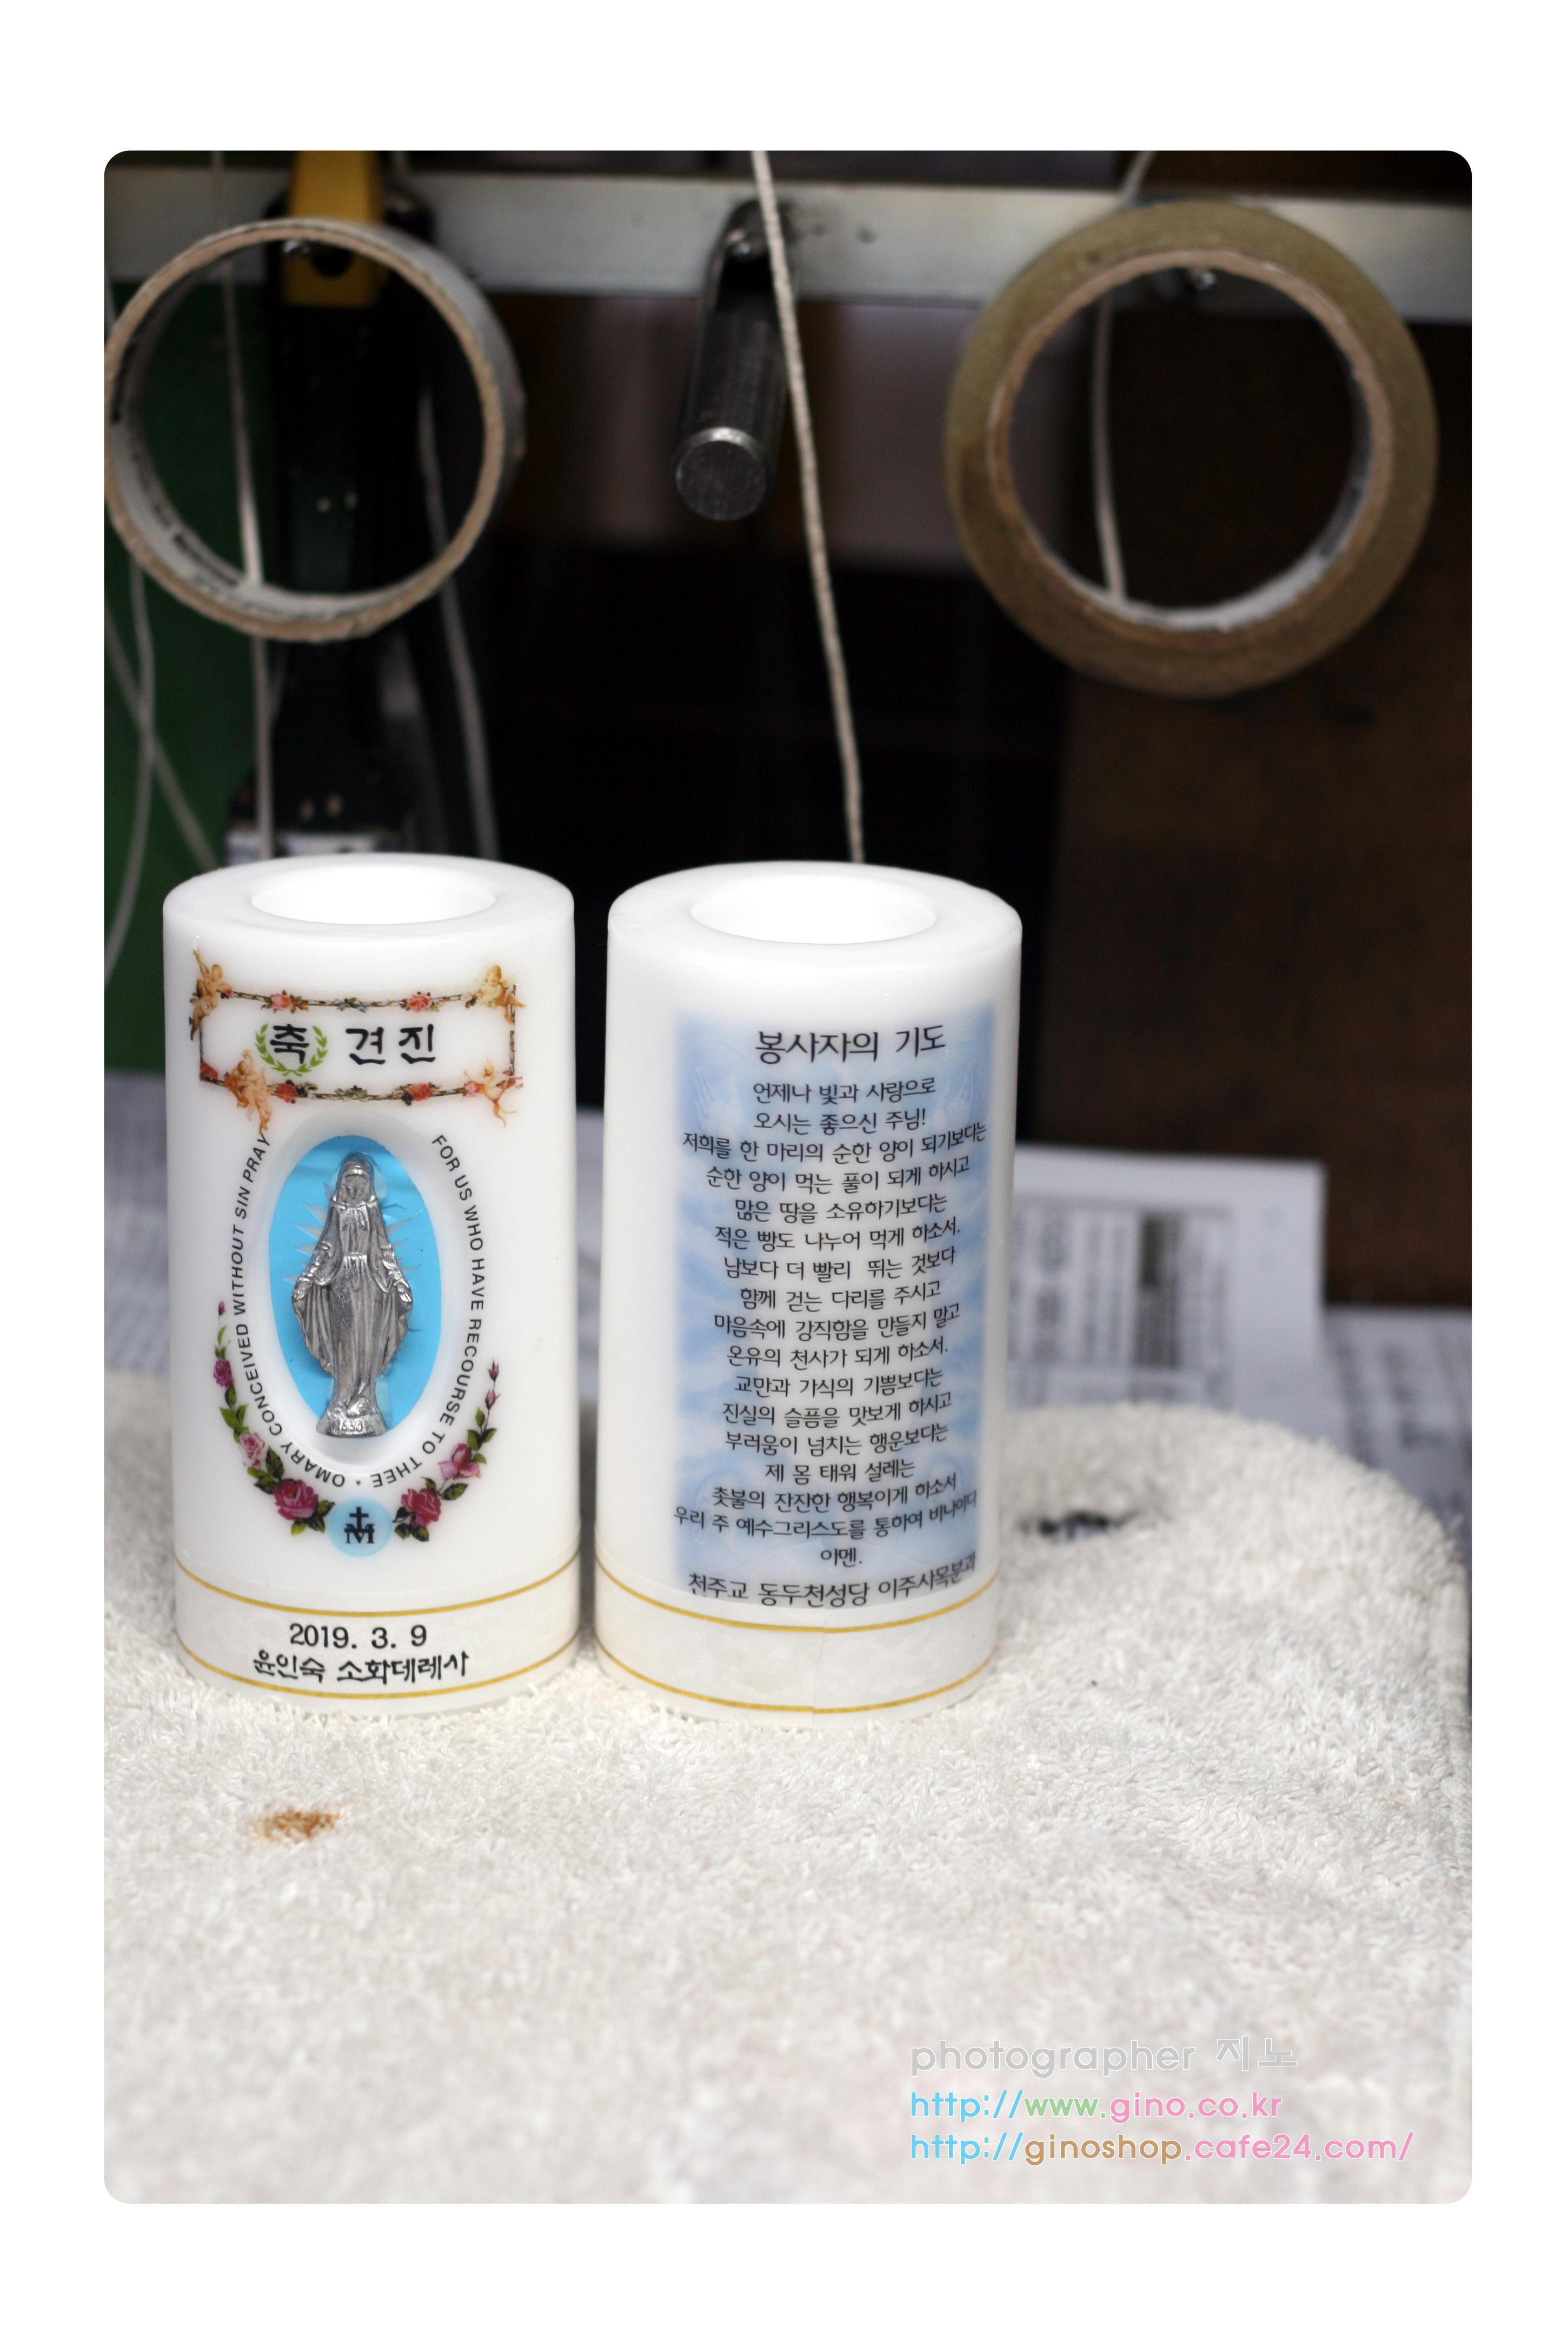 동두천성당 이주사목분과 견진 선물 캔들 2019.3.9(봉사자의기도)